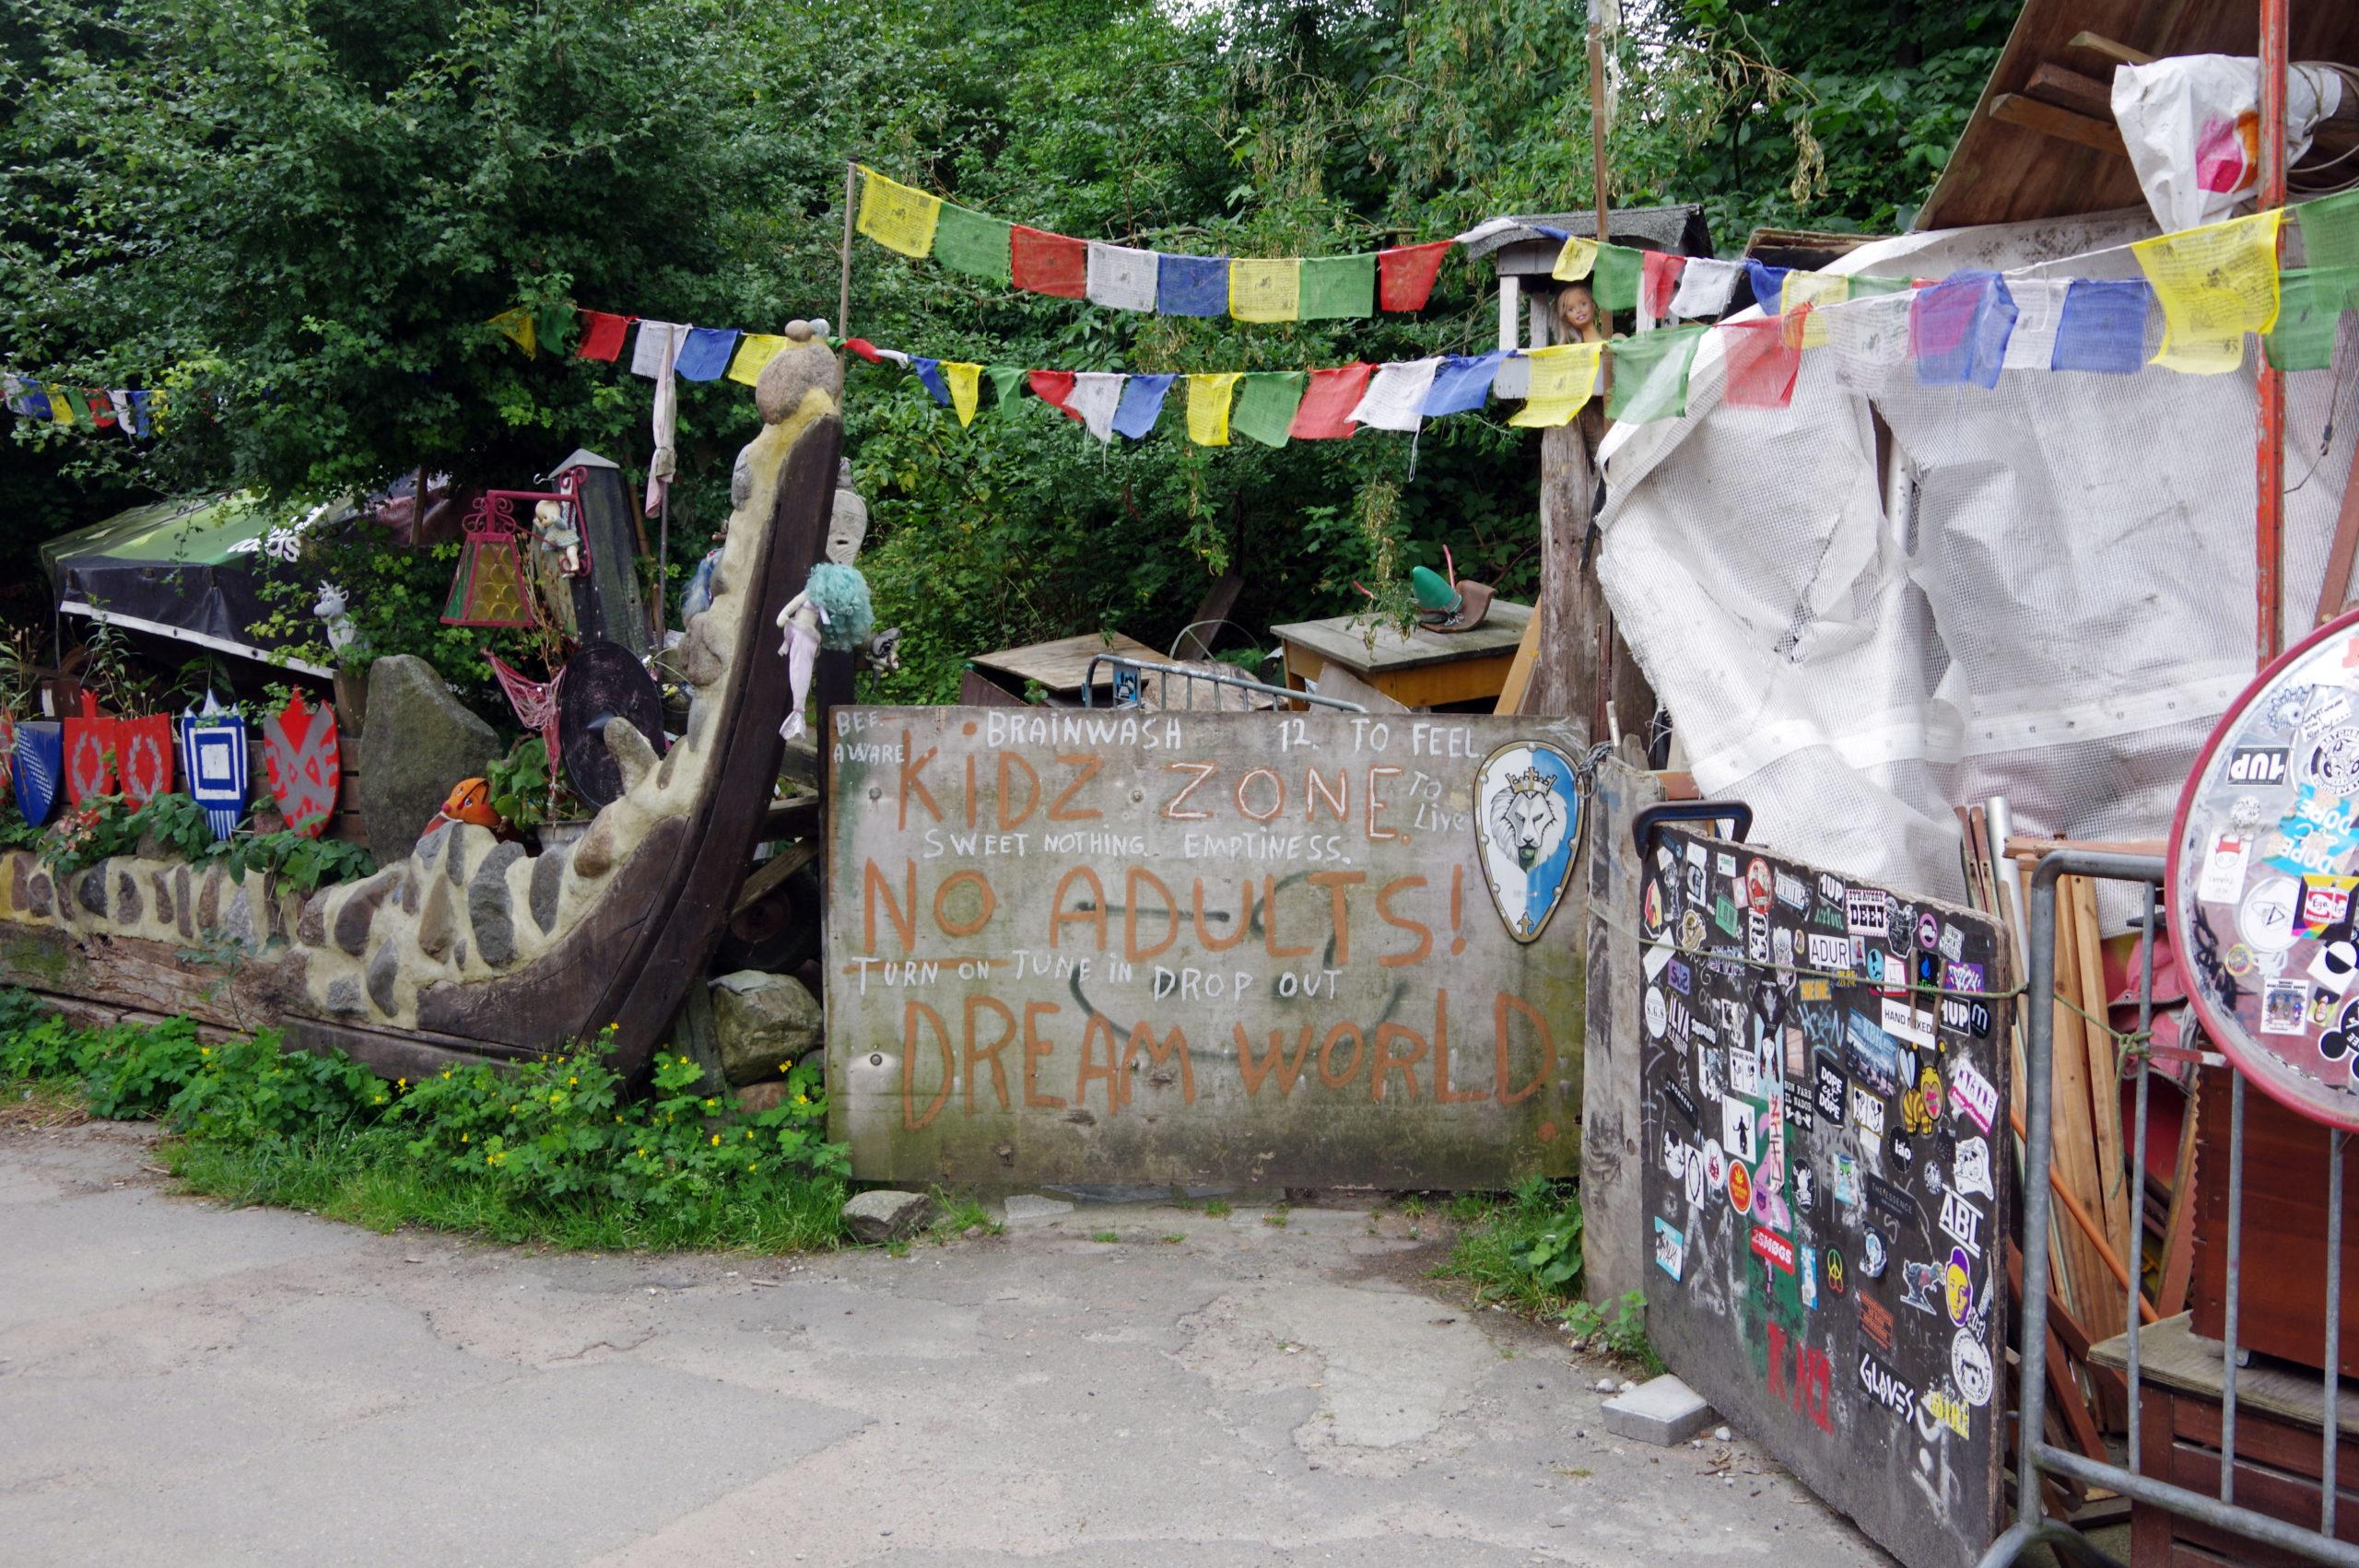 Christiania, Denmark, 2019